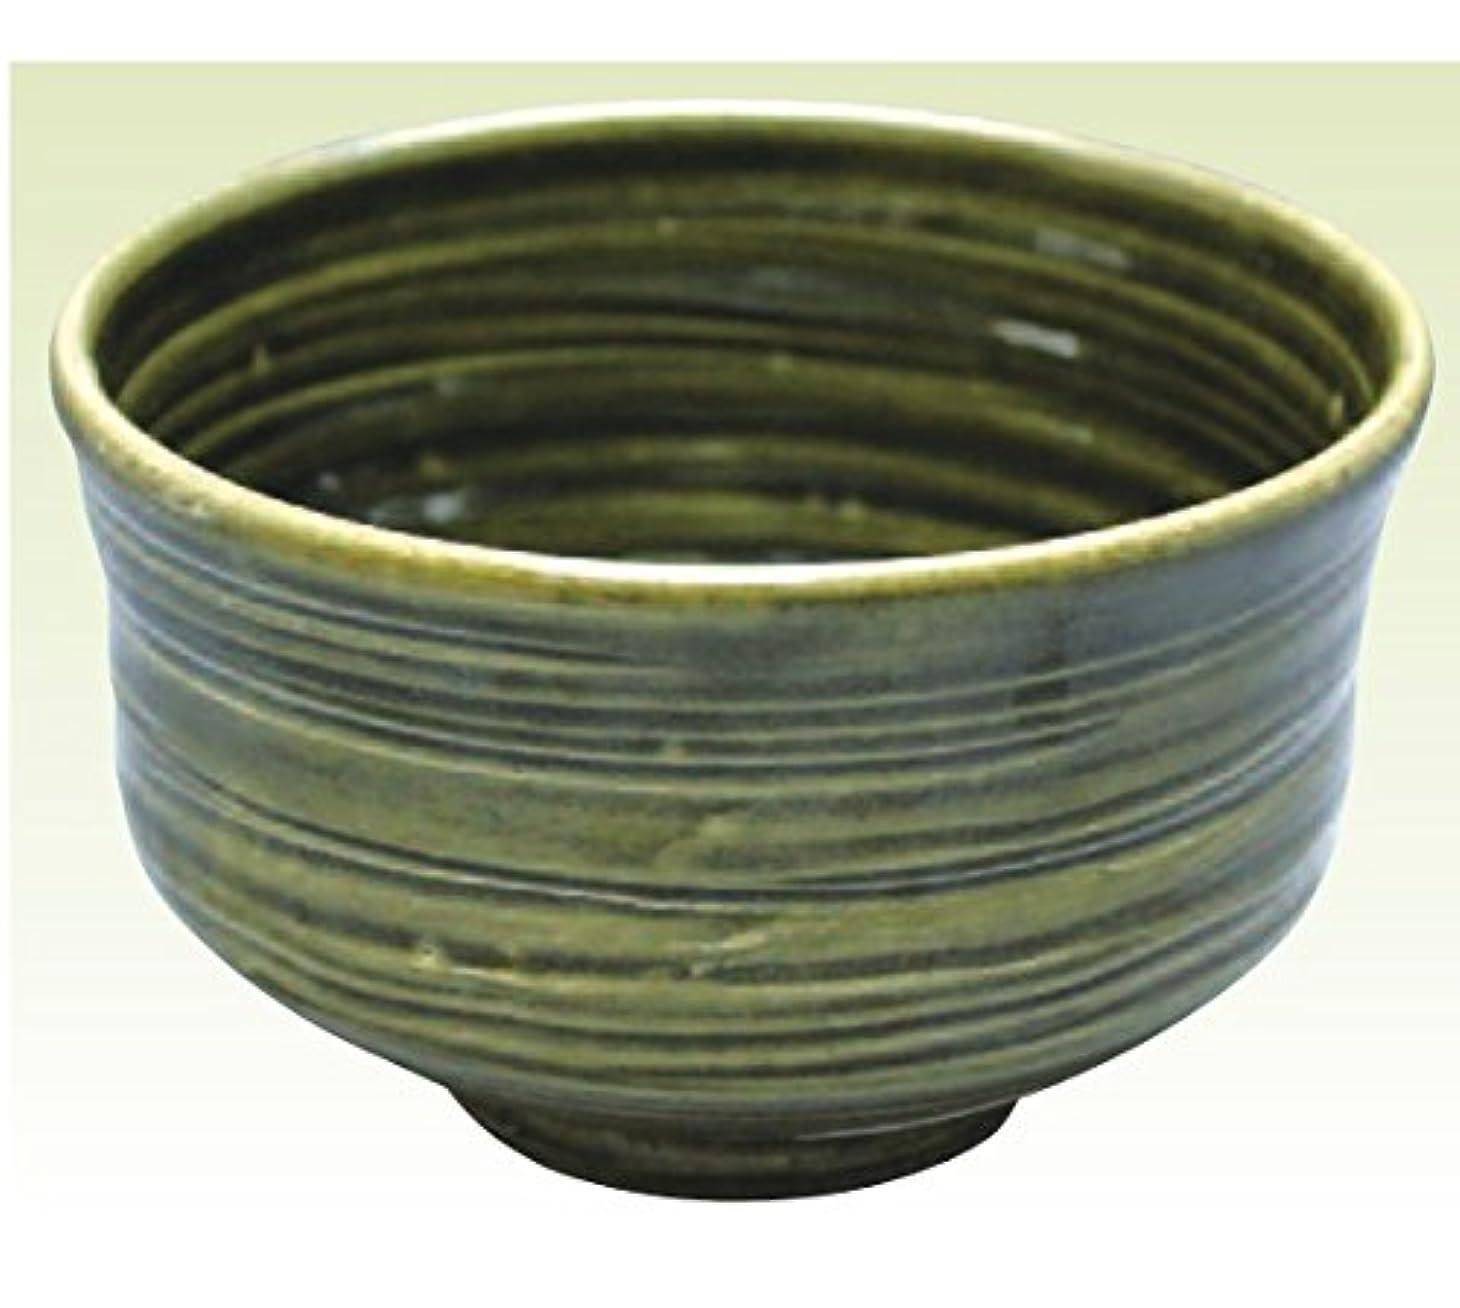 ピラミッドボイラー悪名高い常滑焼 焜清作 抹茶茶碗織部径13×高さ8cm